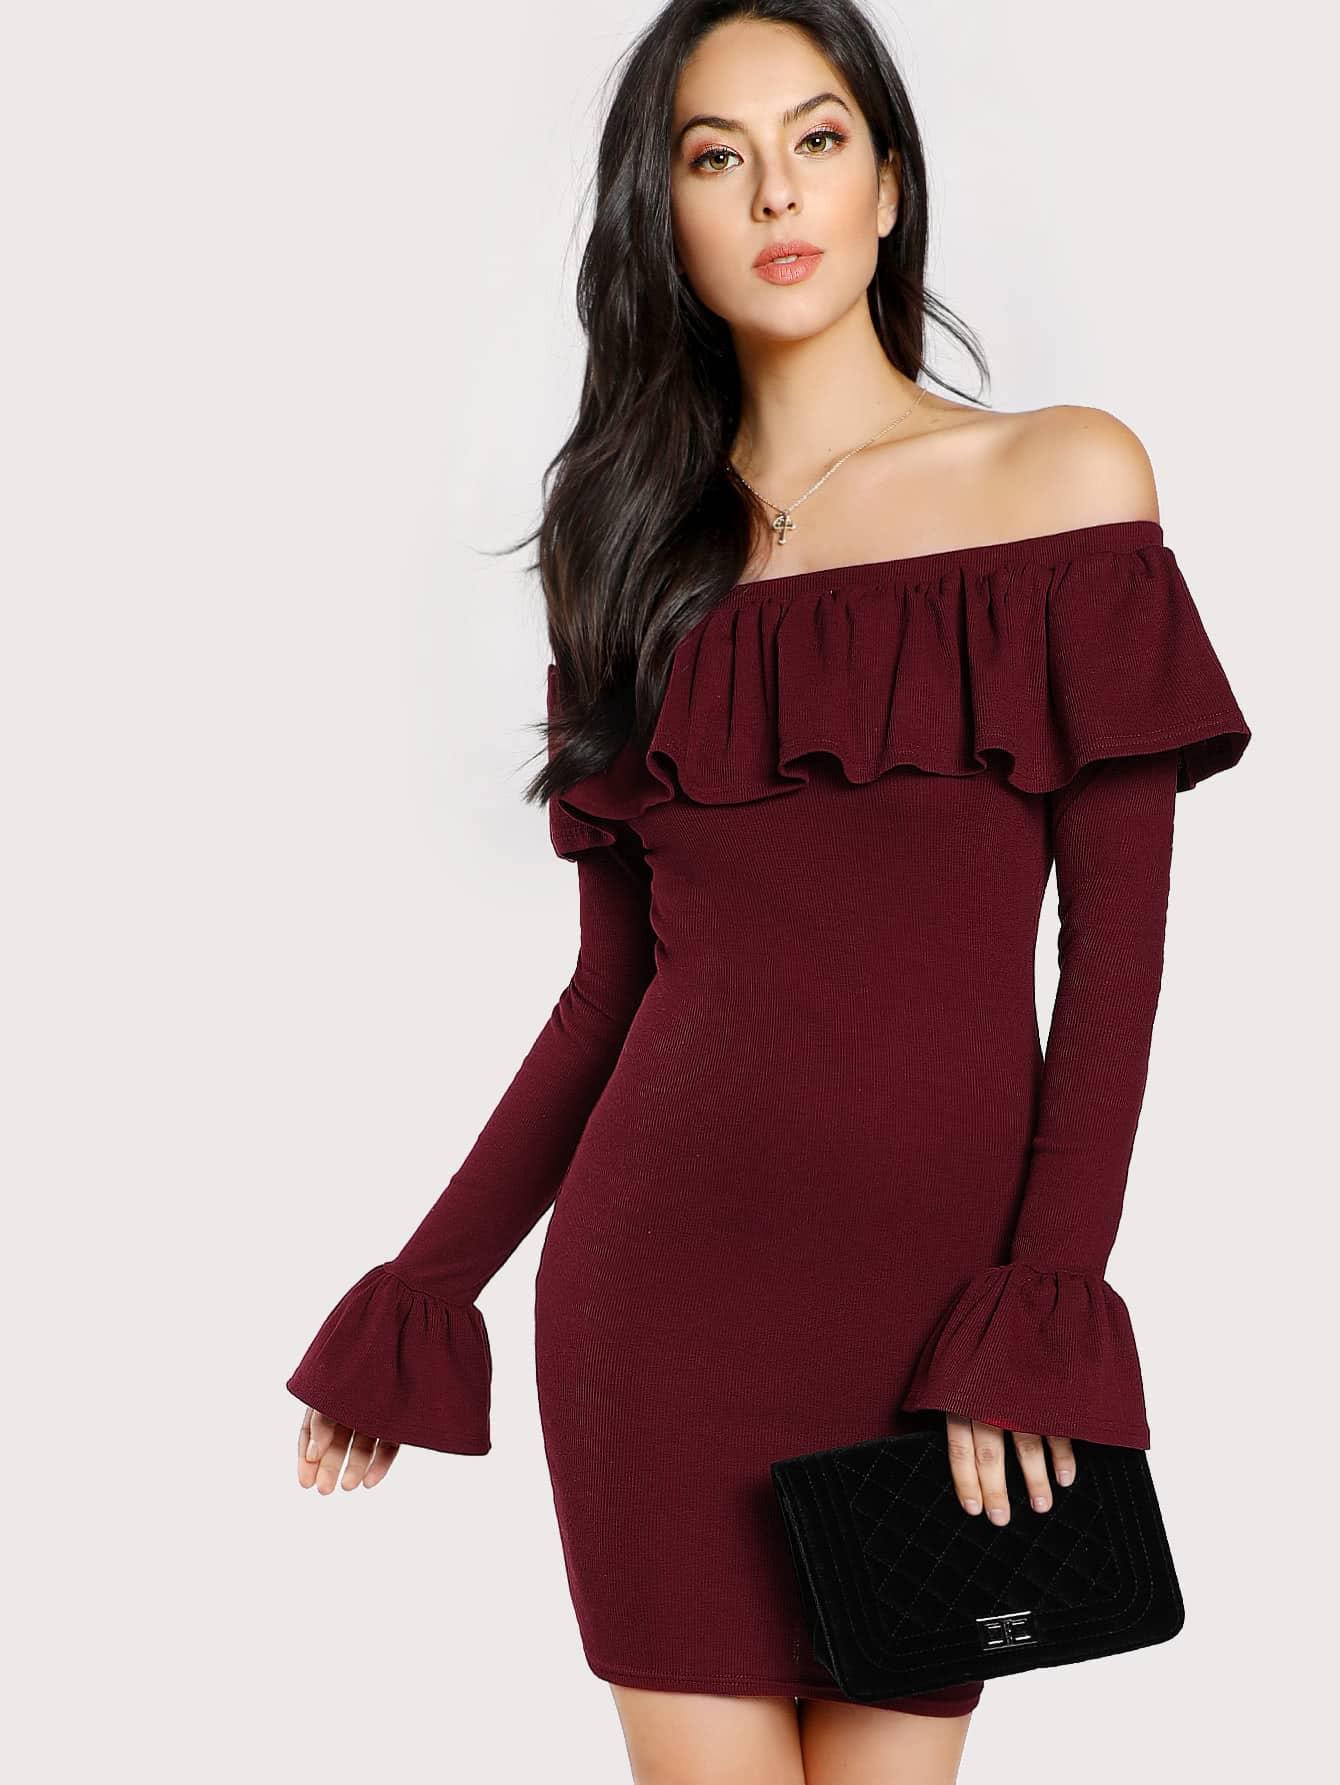 Bell Cuff Flounce Off Shoulder Dress dressmmc171102702